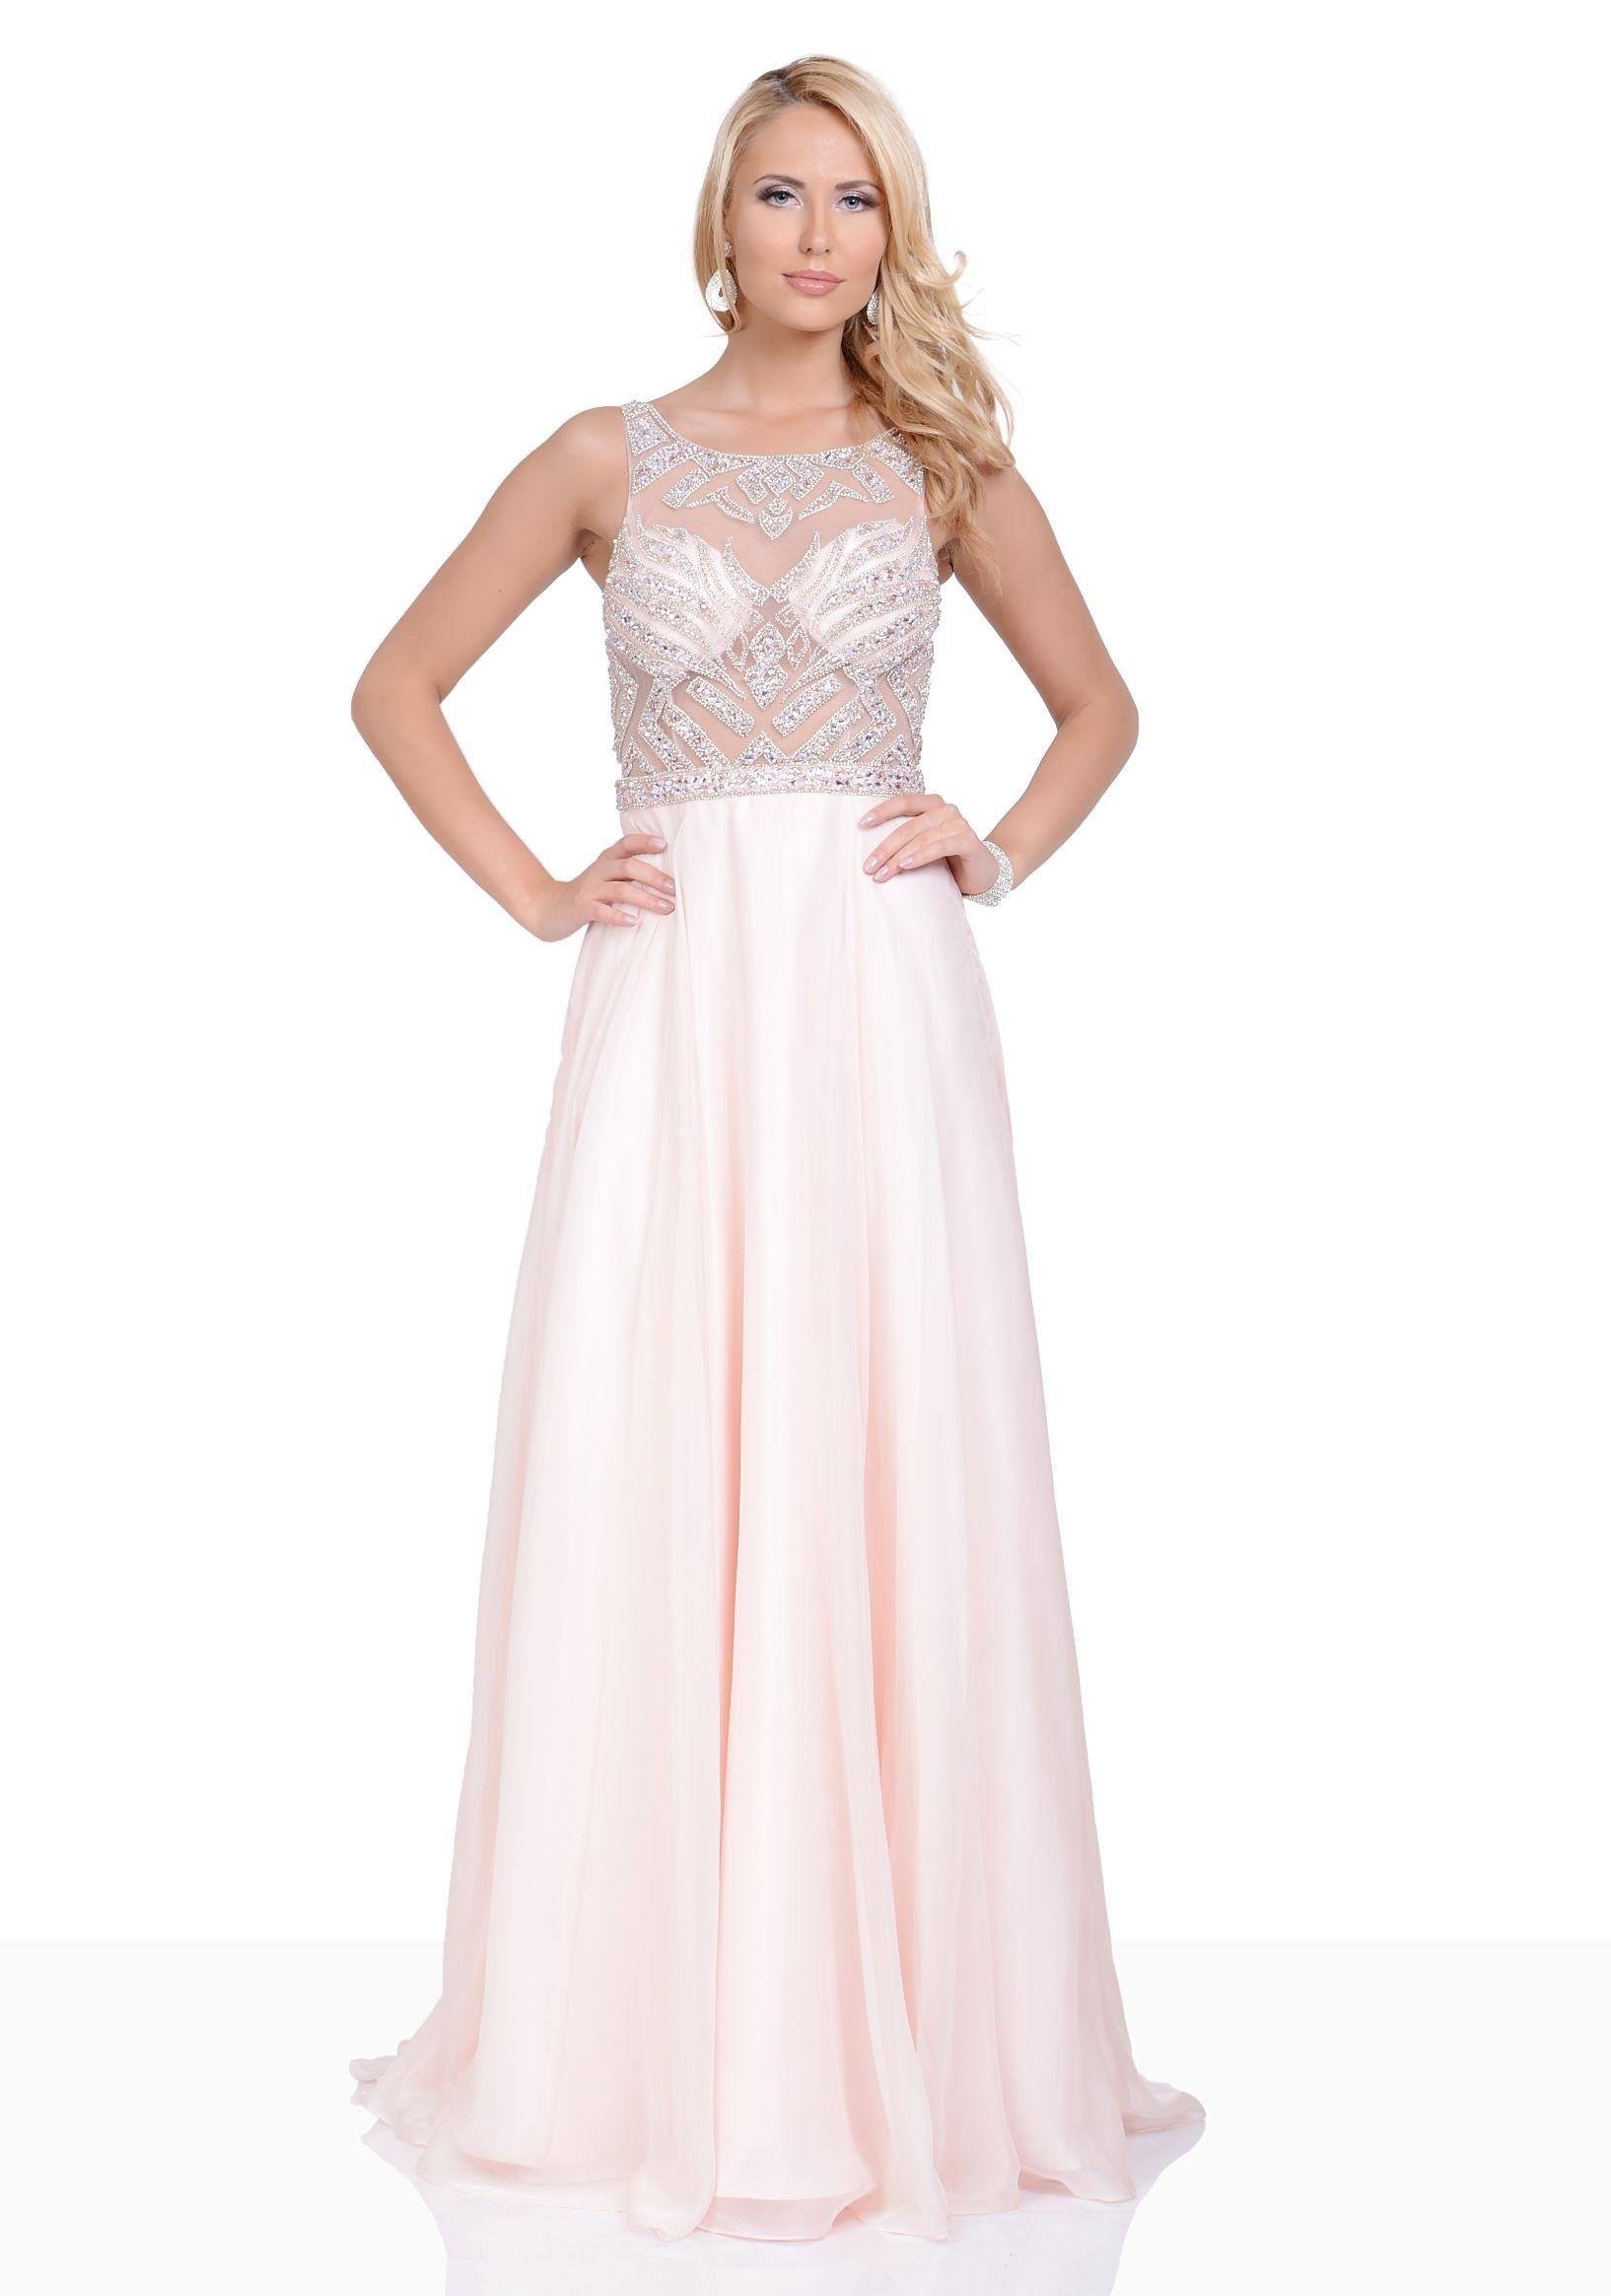 separation shoes 90165 ee30b Design Erstaunlich Abendkleid Kleid 10 Glitzer Lang QshxtrCd